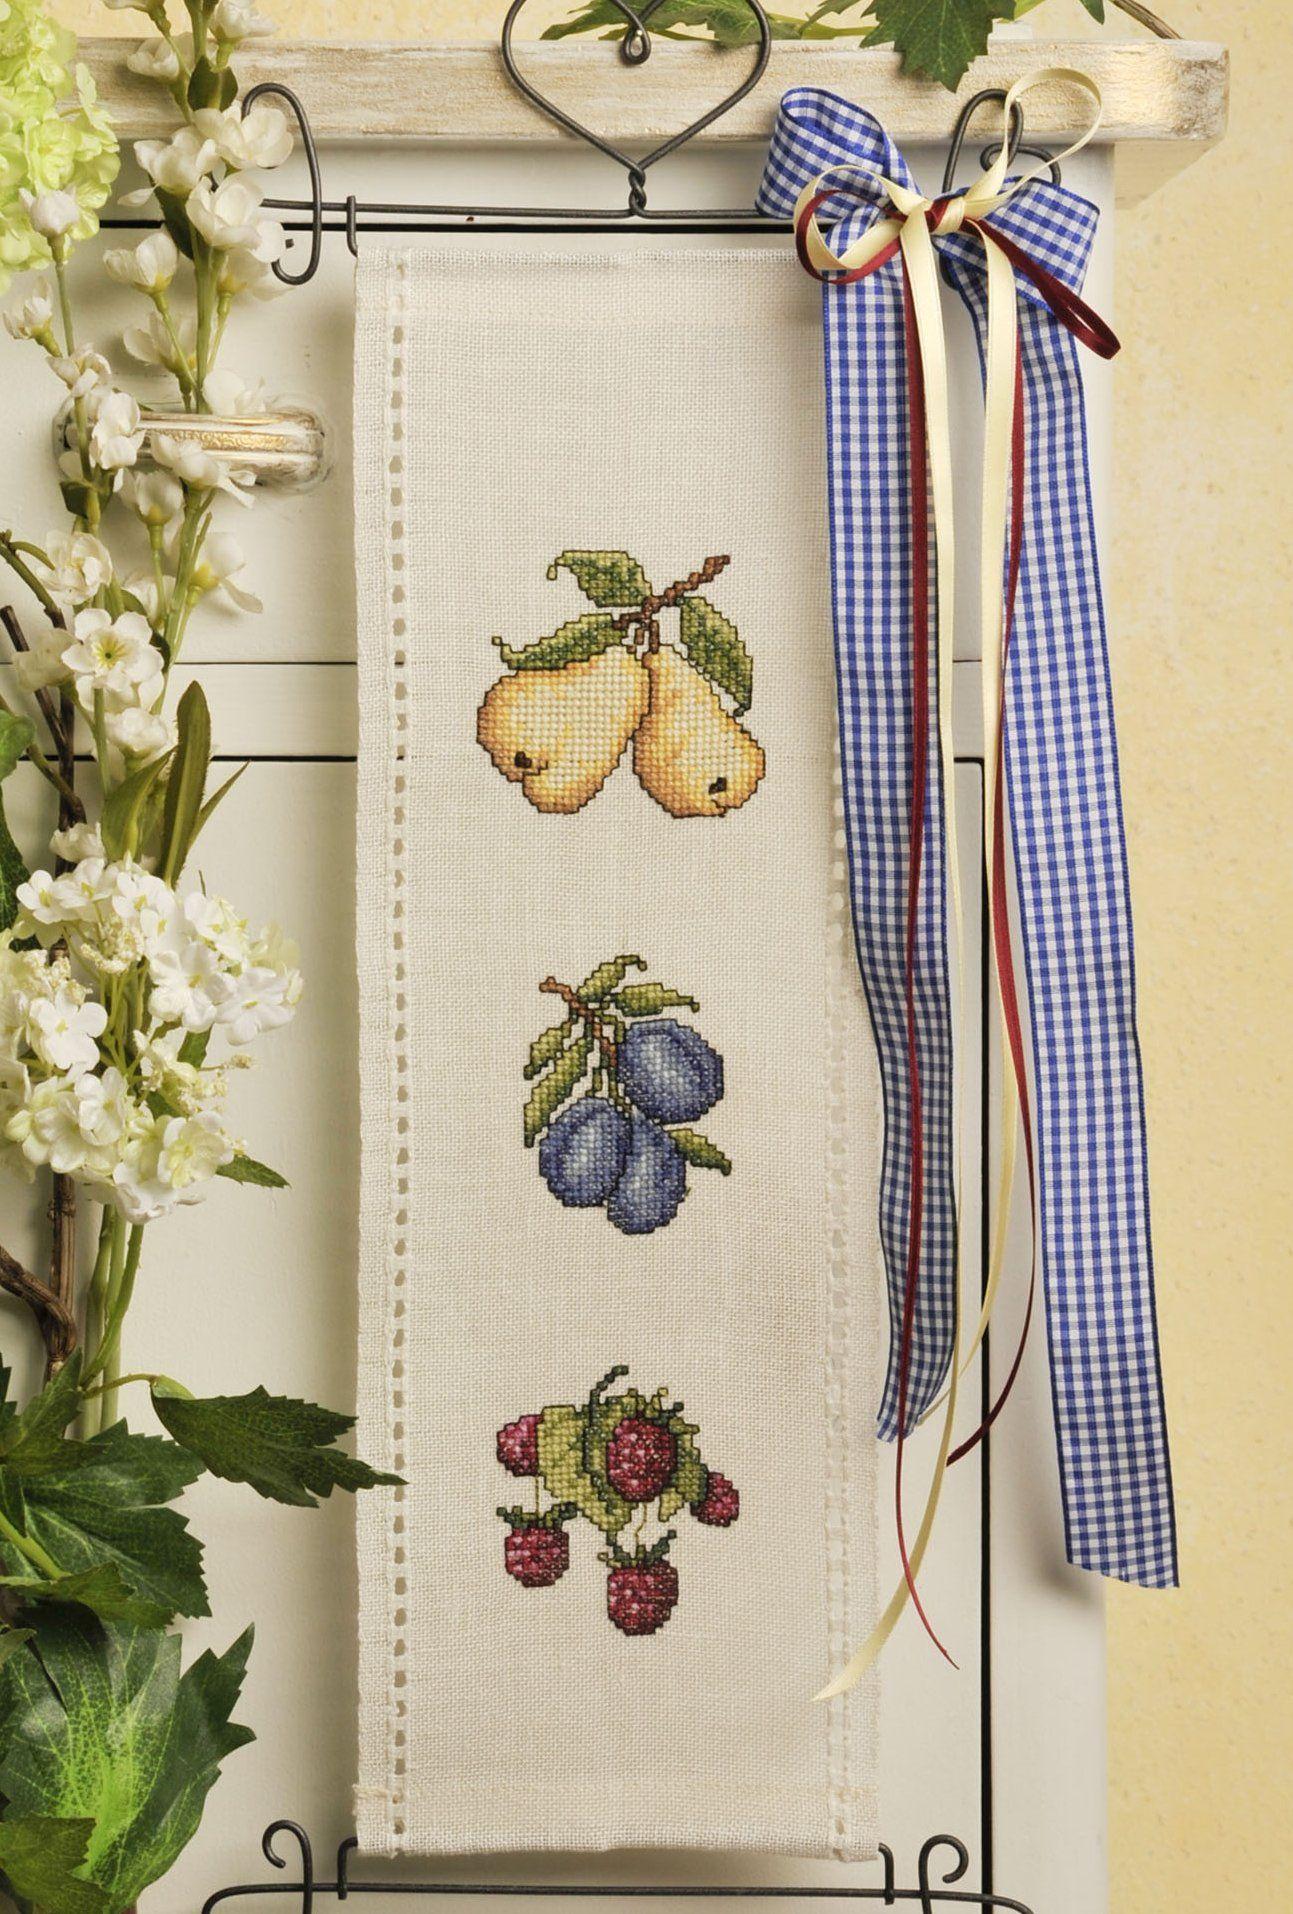 Behang mit Früchten ... toll für die Küche Design : Gerlinde Gebert ...